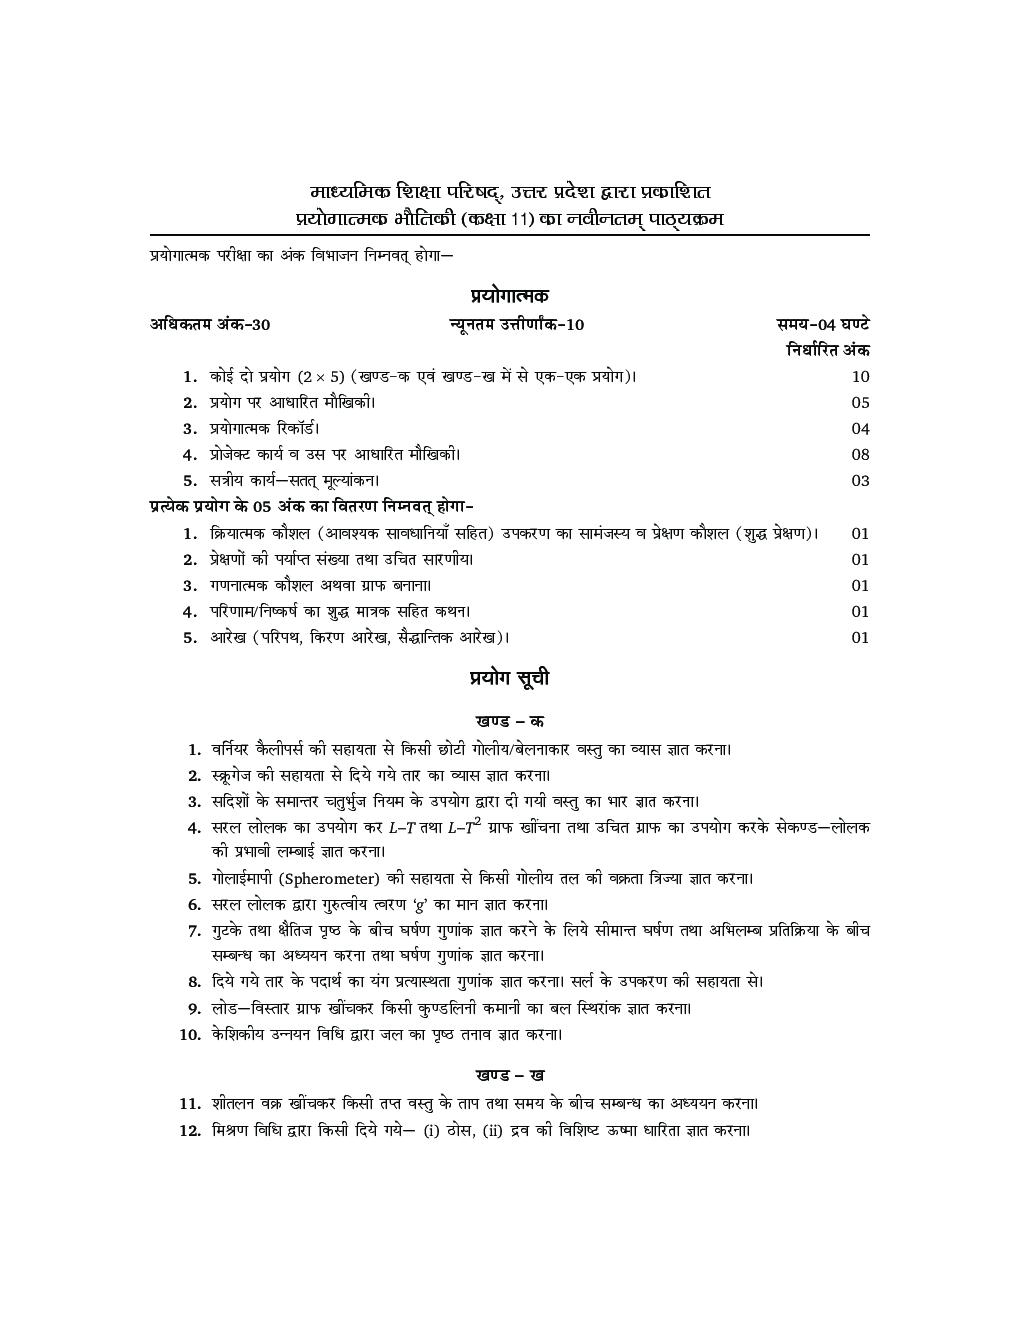 UP Board माध्यमिक प्रयोगात्मक भौतिकी For Class - XI - Page 5